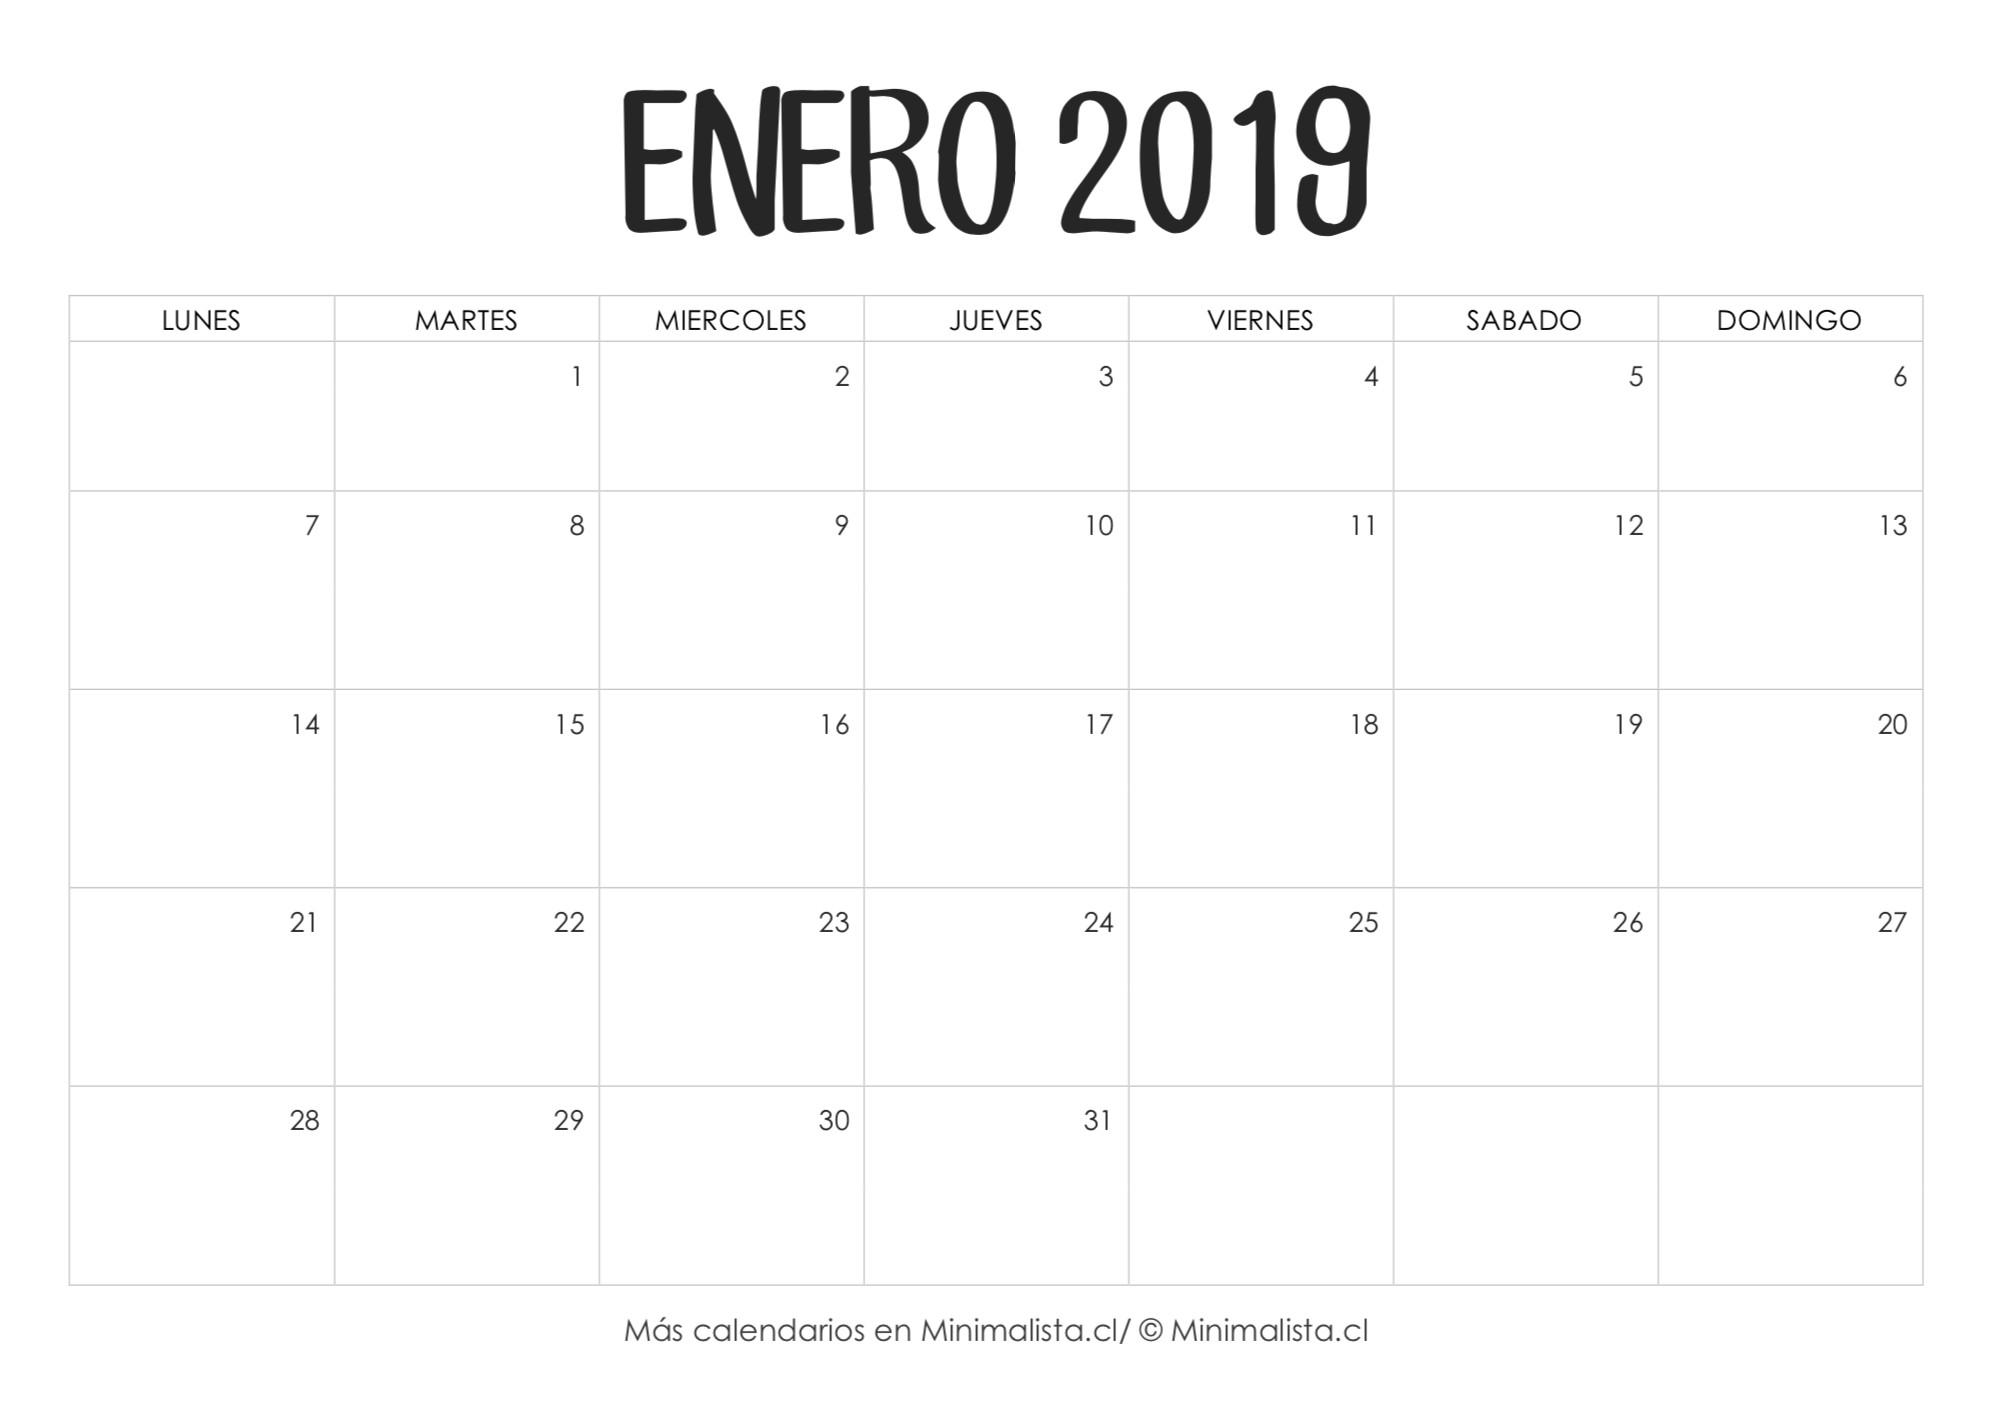 Calendario Para Imprimir 2017 Colombia Actual Best Calendario Enero 2019 Para Imprimir Gratis Image Collection Of Calendario Para Imprimir 2017 Colombia Más Caliente Es Calendarios Para Imprimir 2017 Noviembre